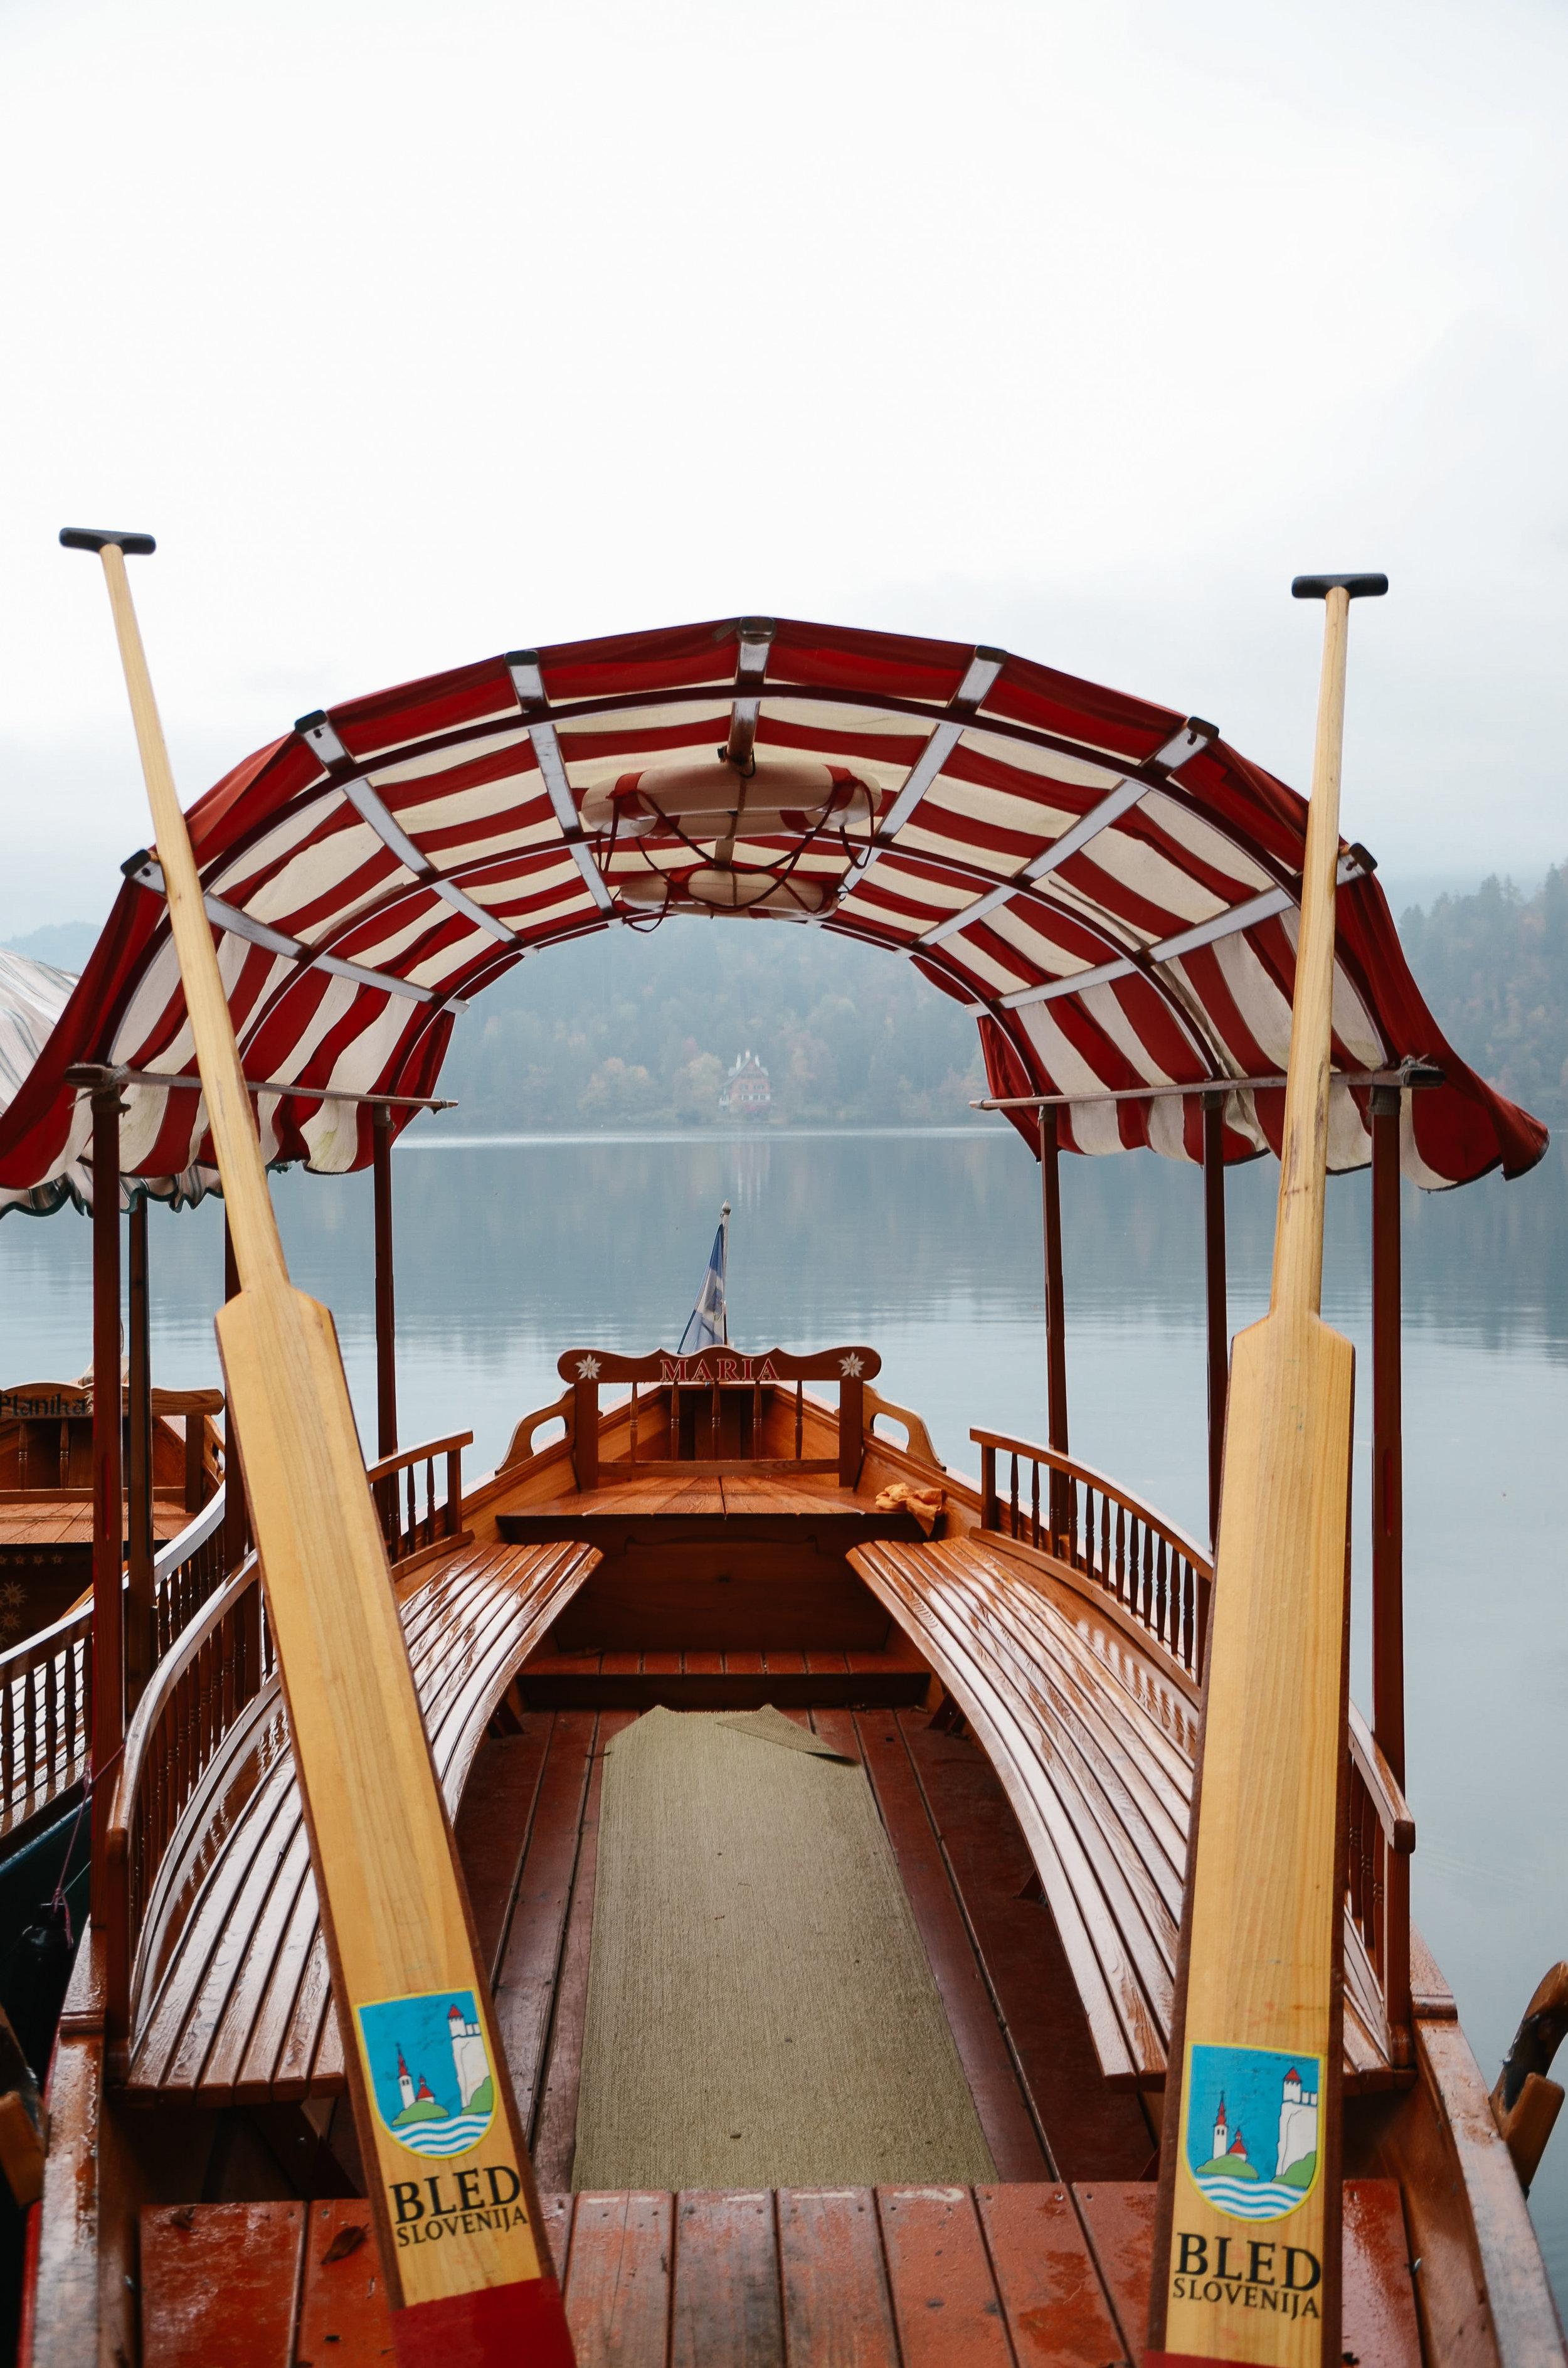 lake-bled-slovenia-travel-guide-lifeonpine_DSC_1328.jpg